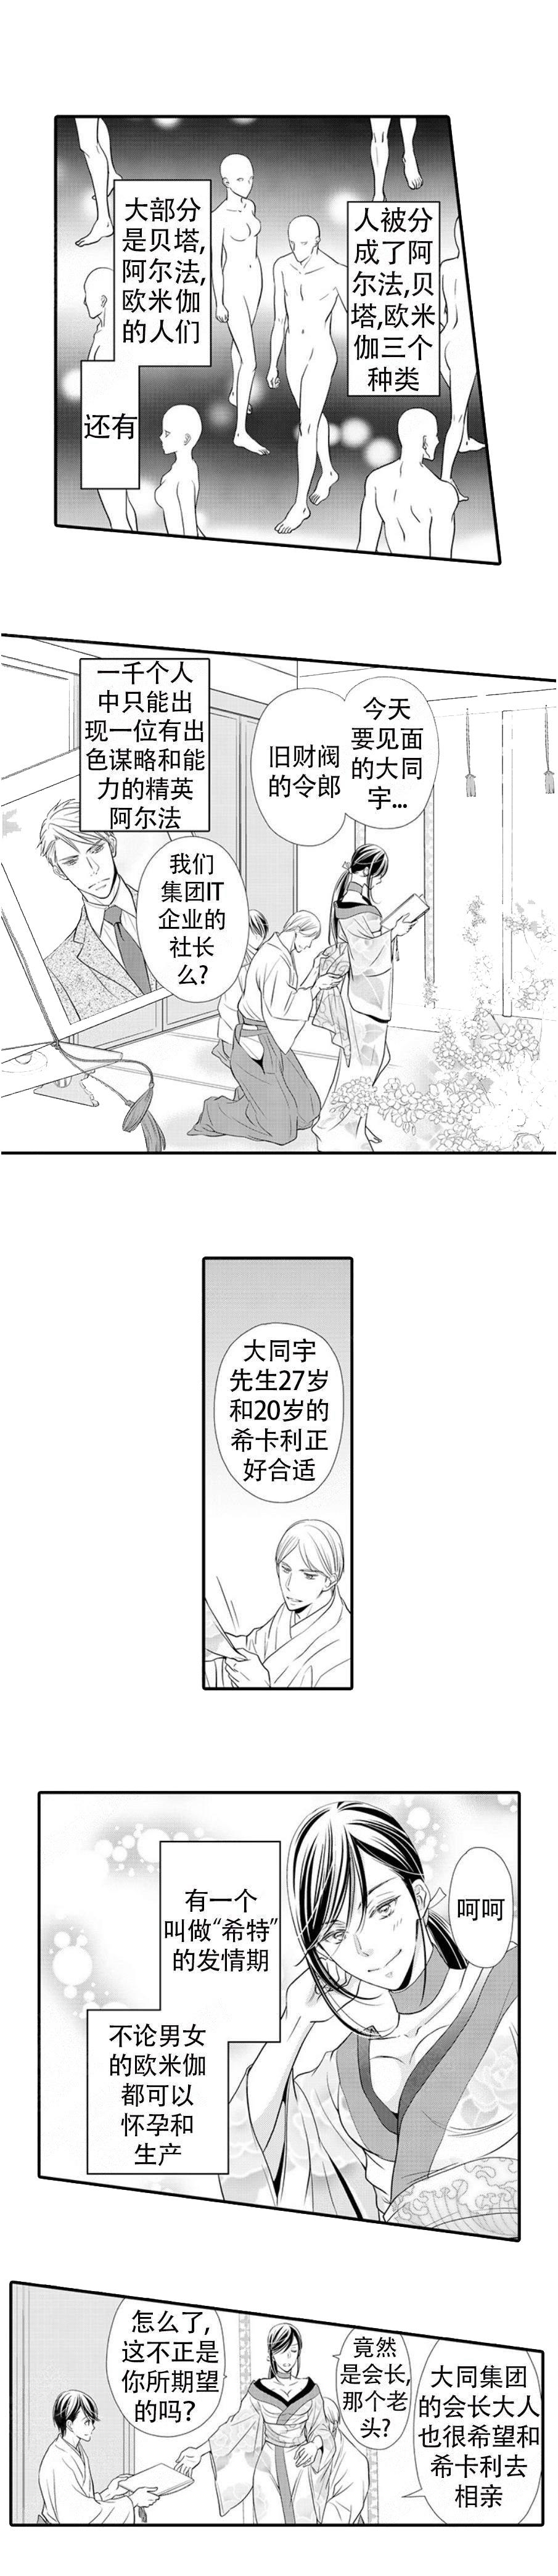 虚假夫夫-BL耽美漫画在线阅读全集连载更新至20话-啵乐漫画